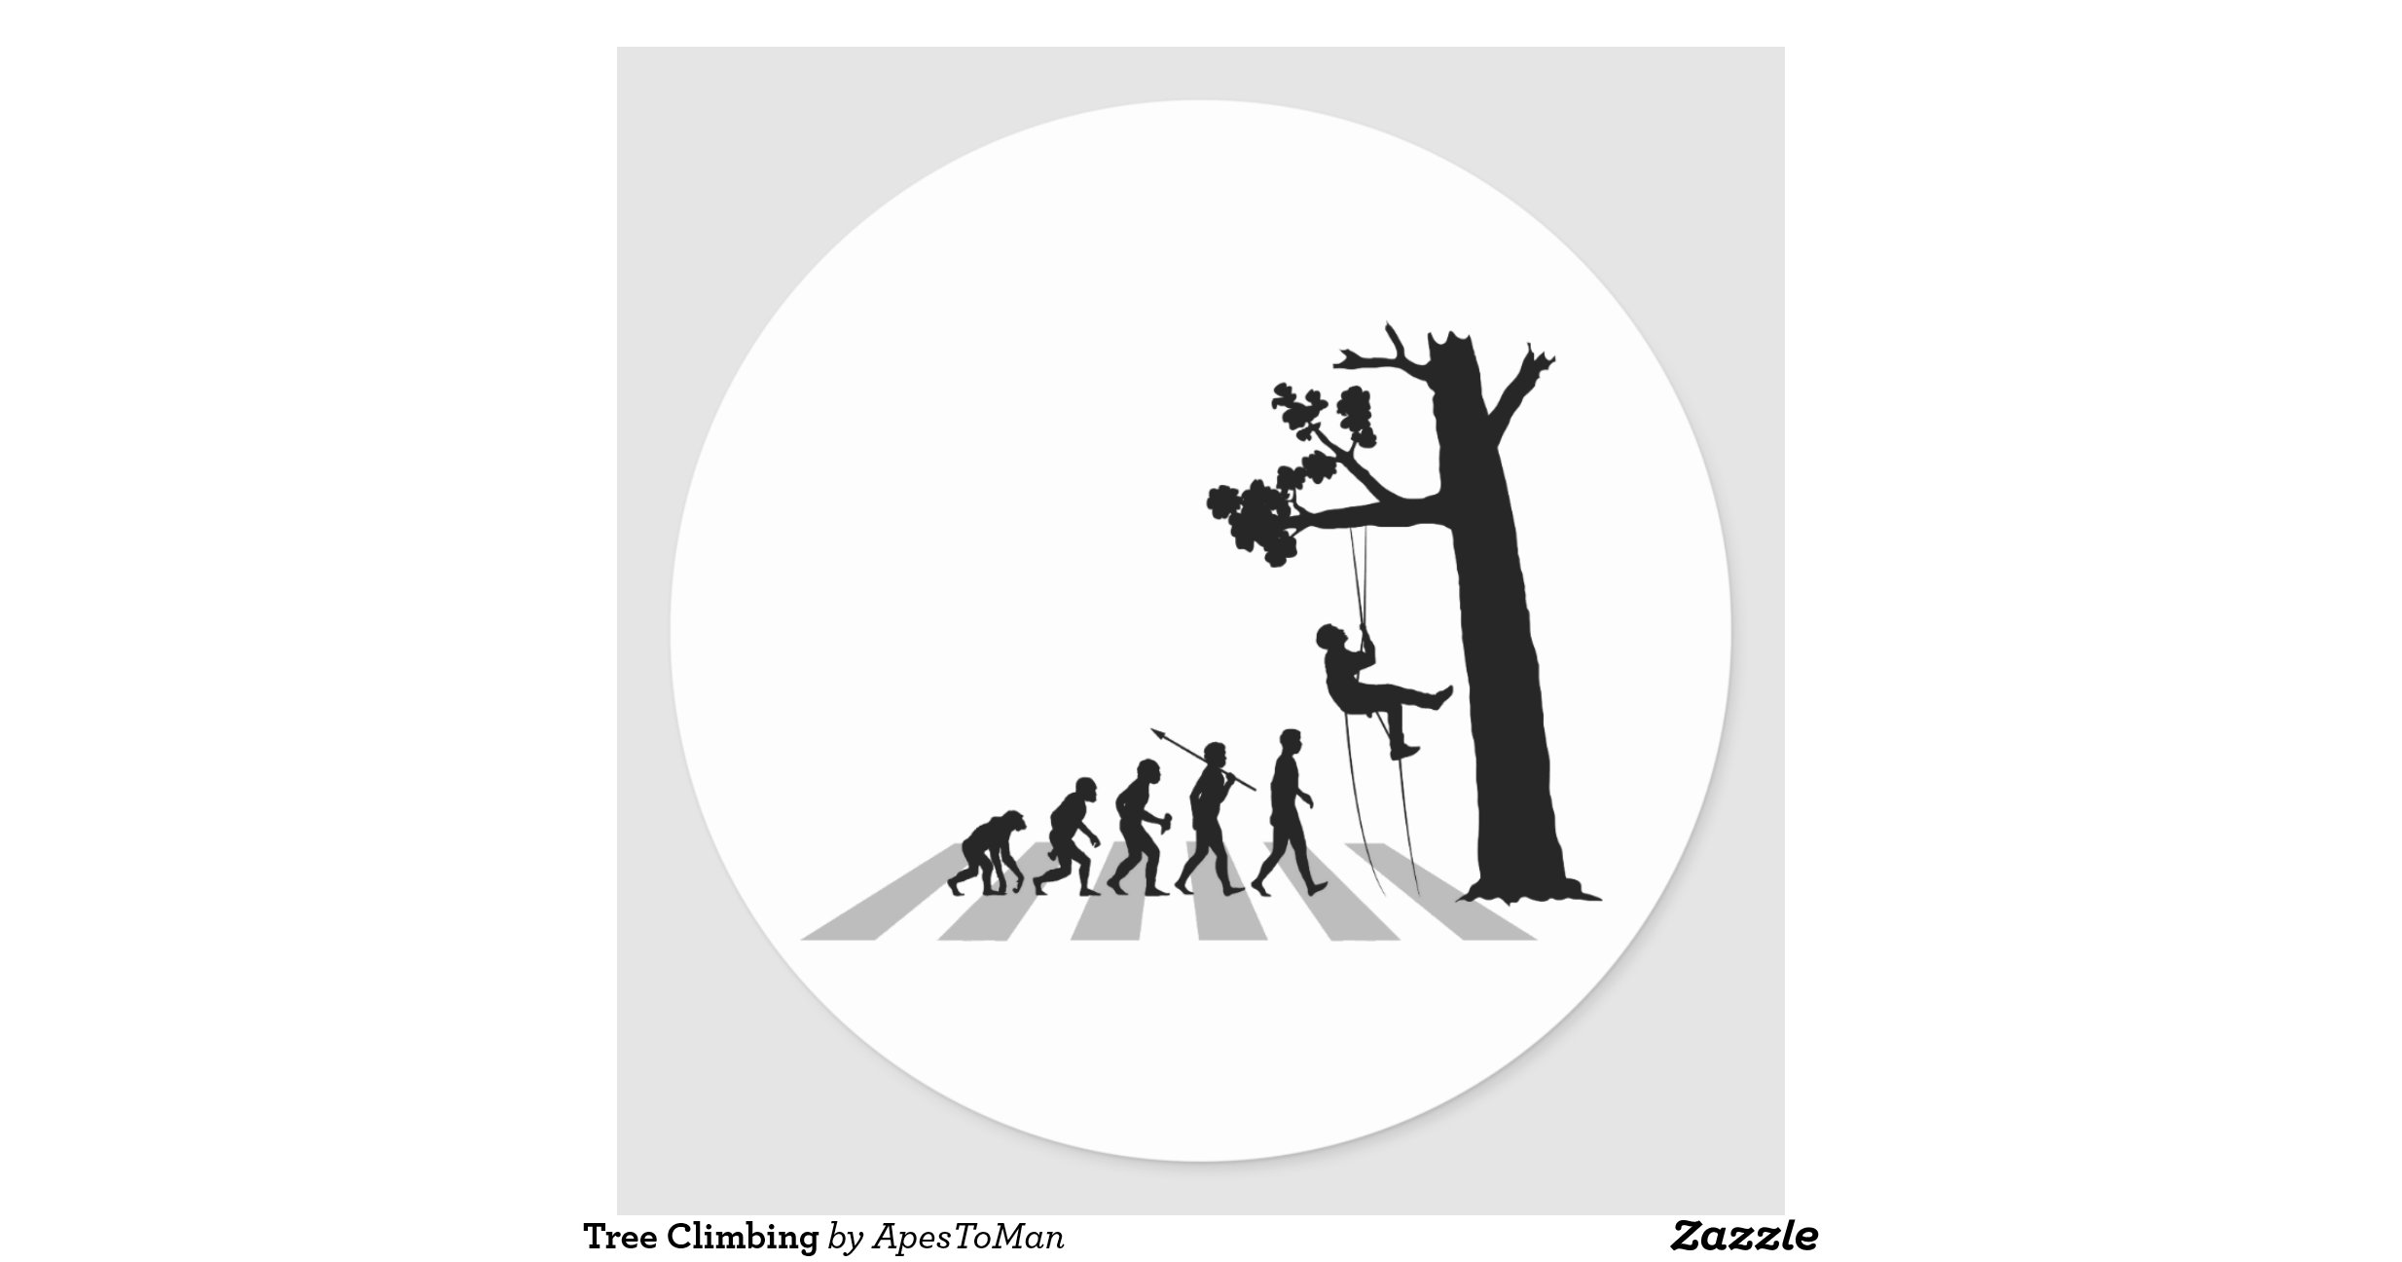 http://rlv.zcache.com/tree_climbing_classic_round_sticker-r8cbbb4e05abc40f6b22f7b14a54632fa_v9wth_8byvr_1200.jpg?view_padding=%5B0.452380952380952%2C0%2C0.452380952380952%2C0%5D